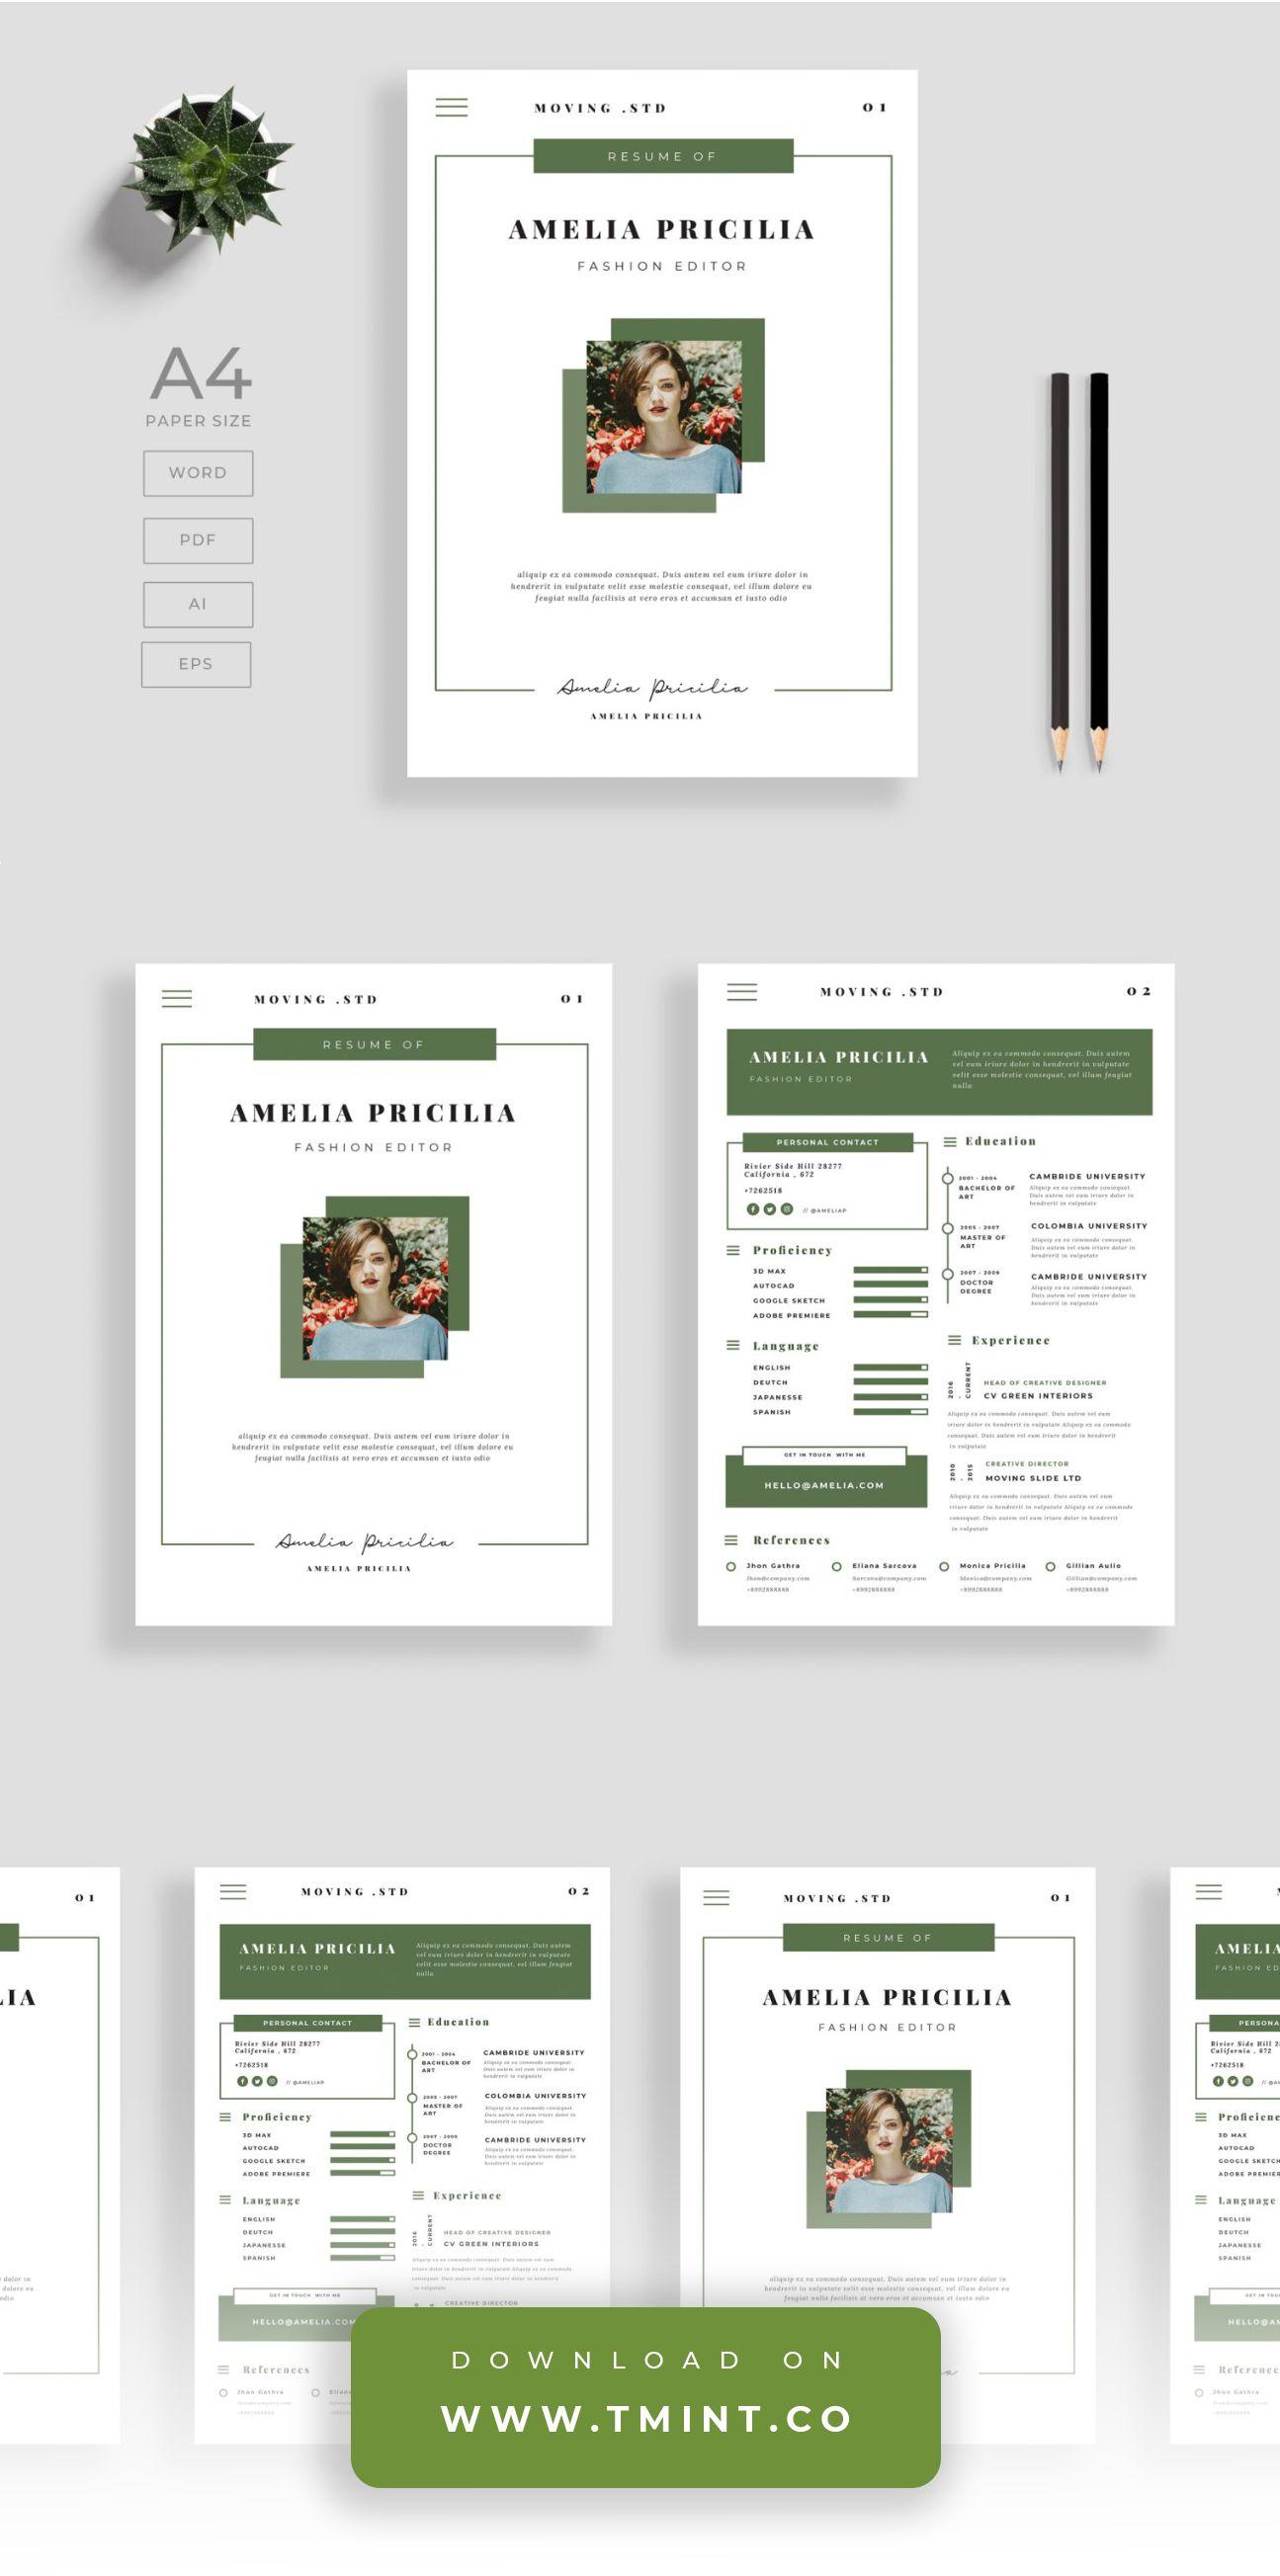 Resume Template 007 Resume template, Templates, Flyer design